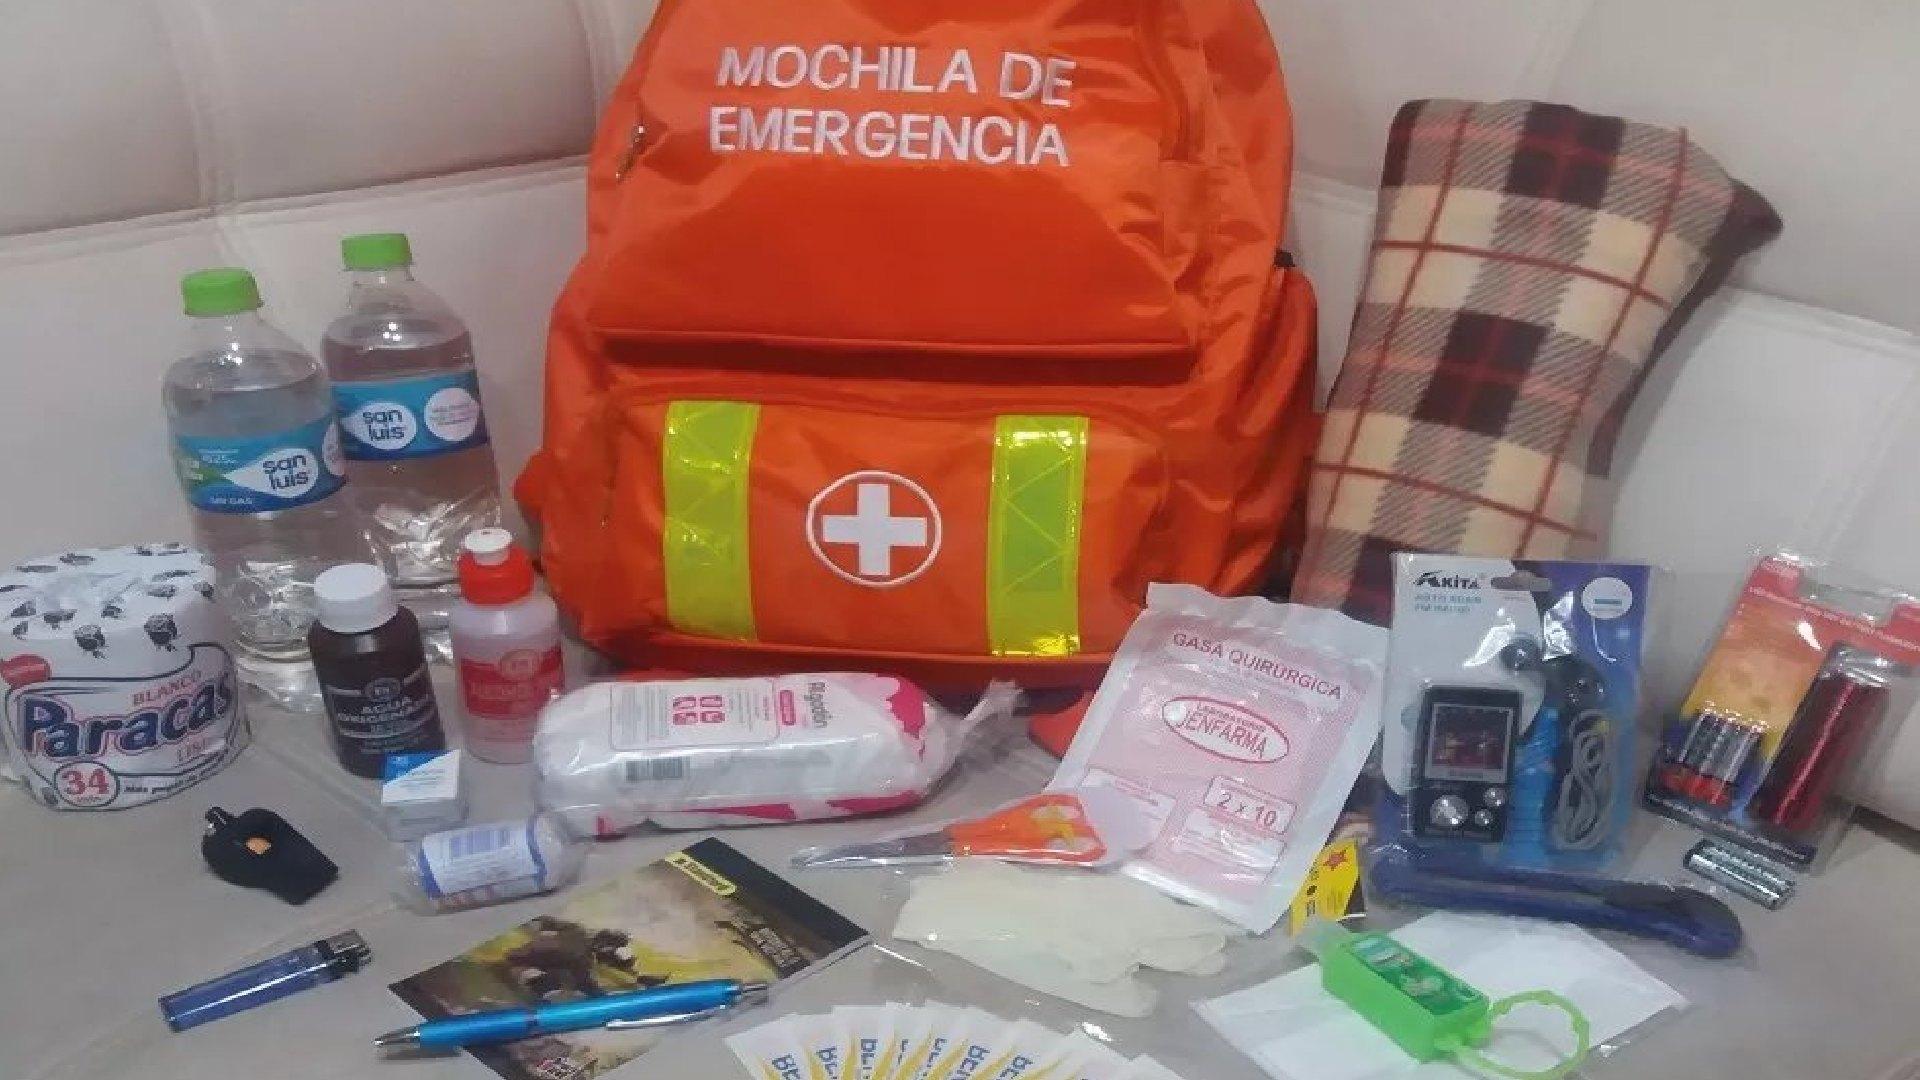 Cómo preparar su mochila de emergencia en caso de sismo